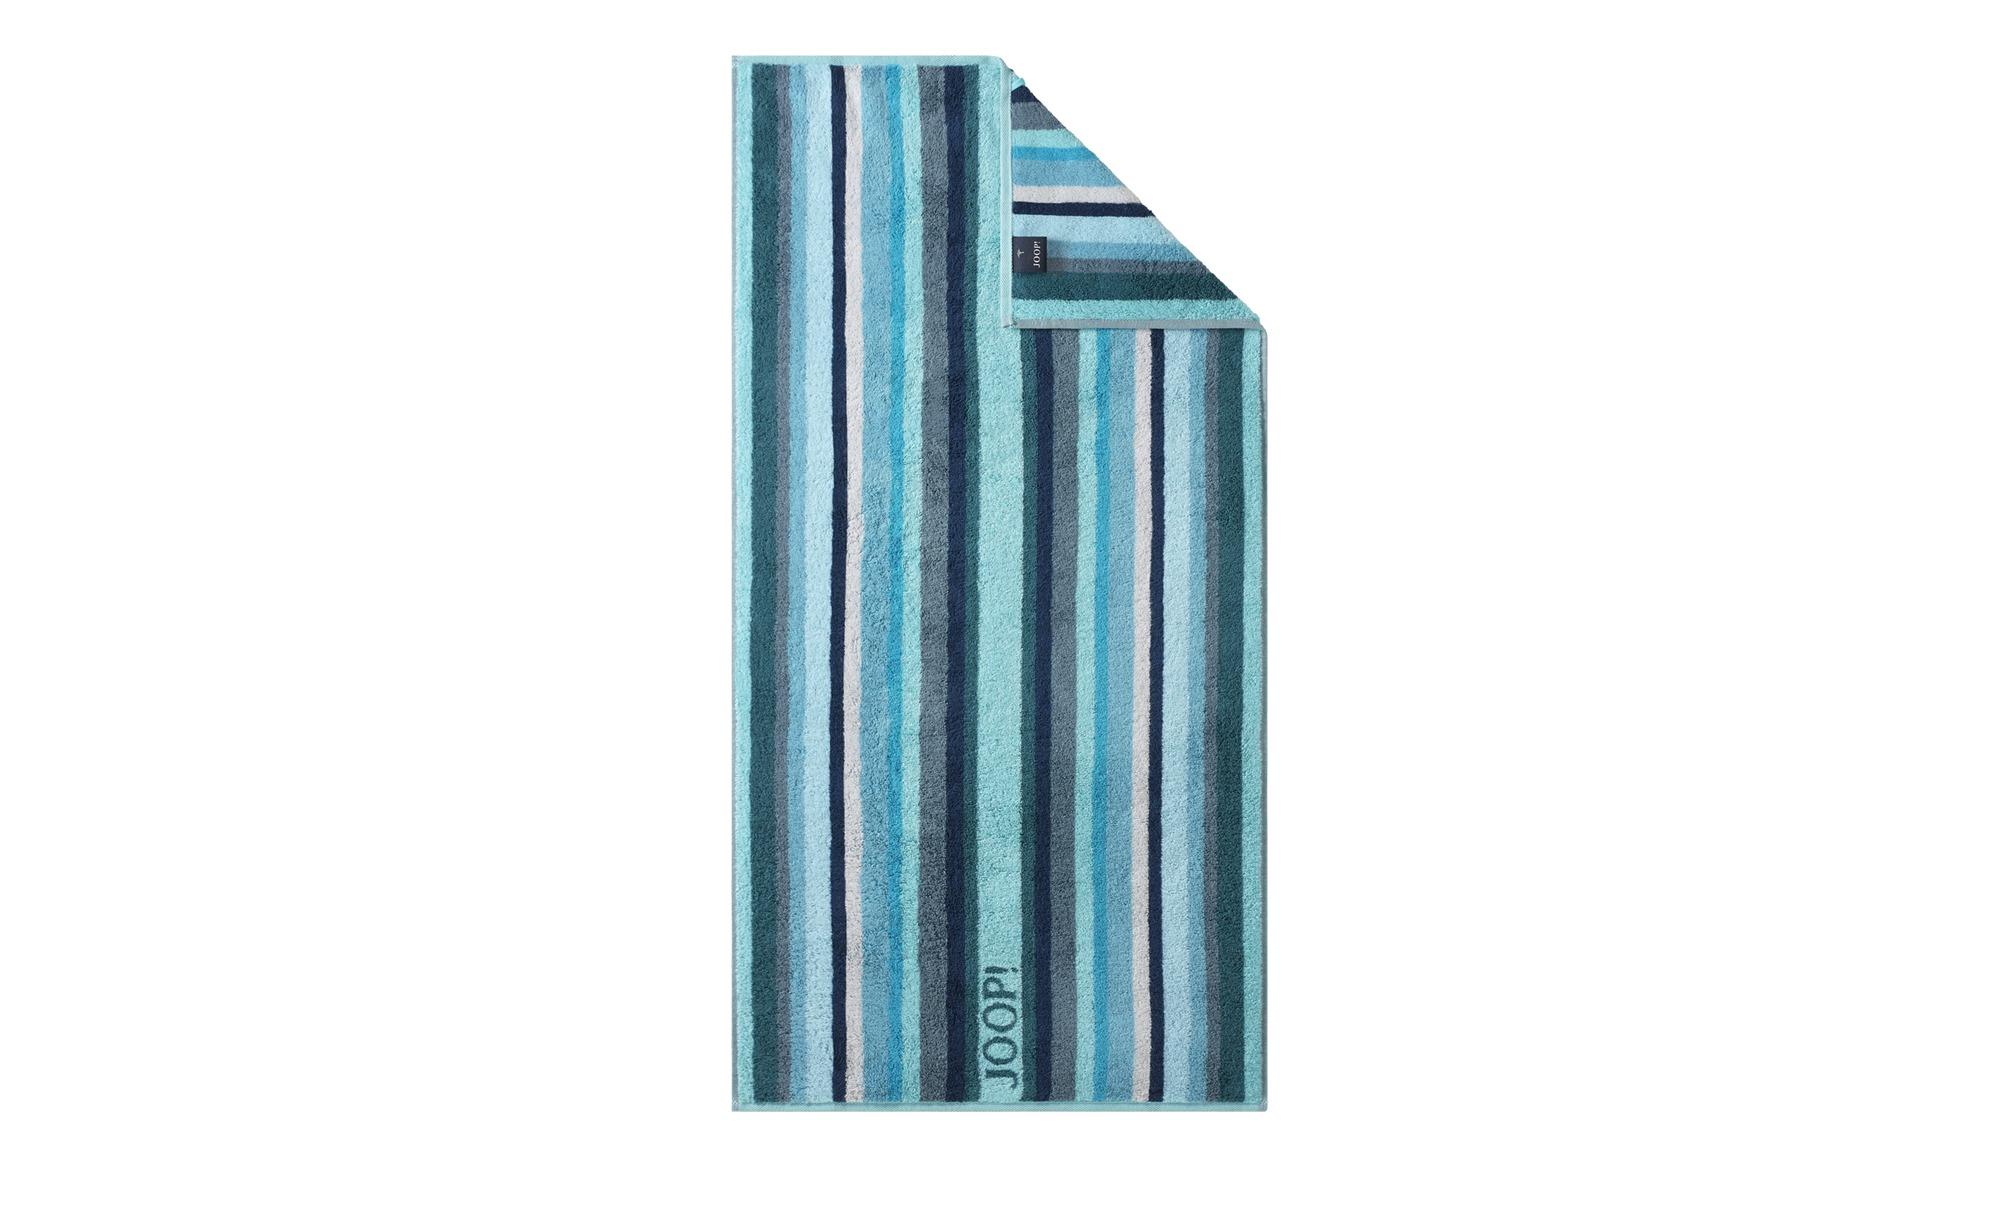 JOOP! Handtuch  JOOP 1664 Stripes ¦ türkis/petrol ¦ 100% Baumwolle ¦ Maße (cm): B: 50 Badtextilien und Zubehör > Handtücher & Badetücher > Handtücher - Höffner